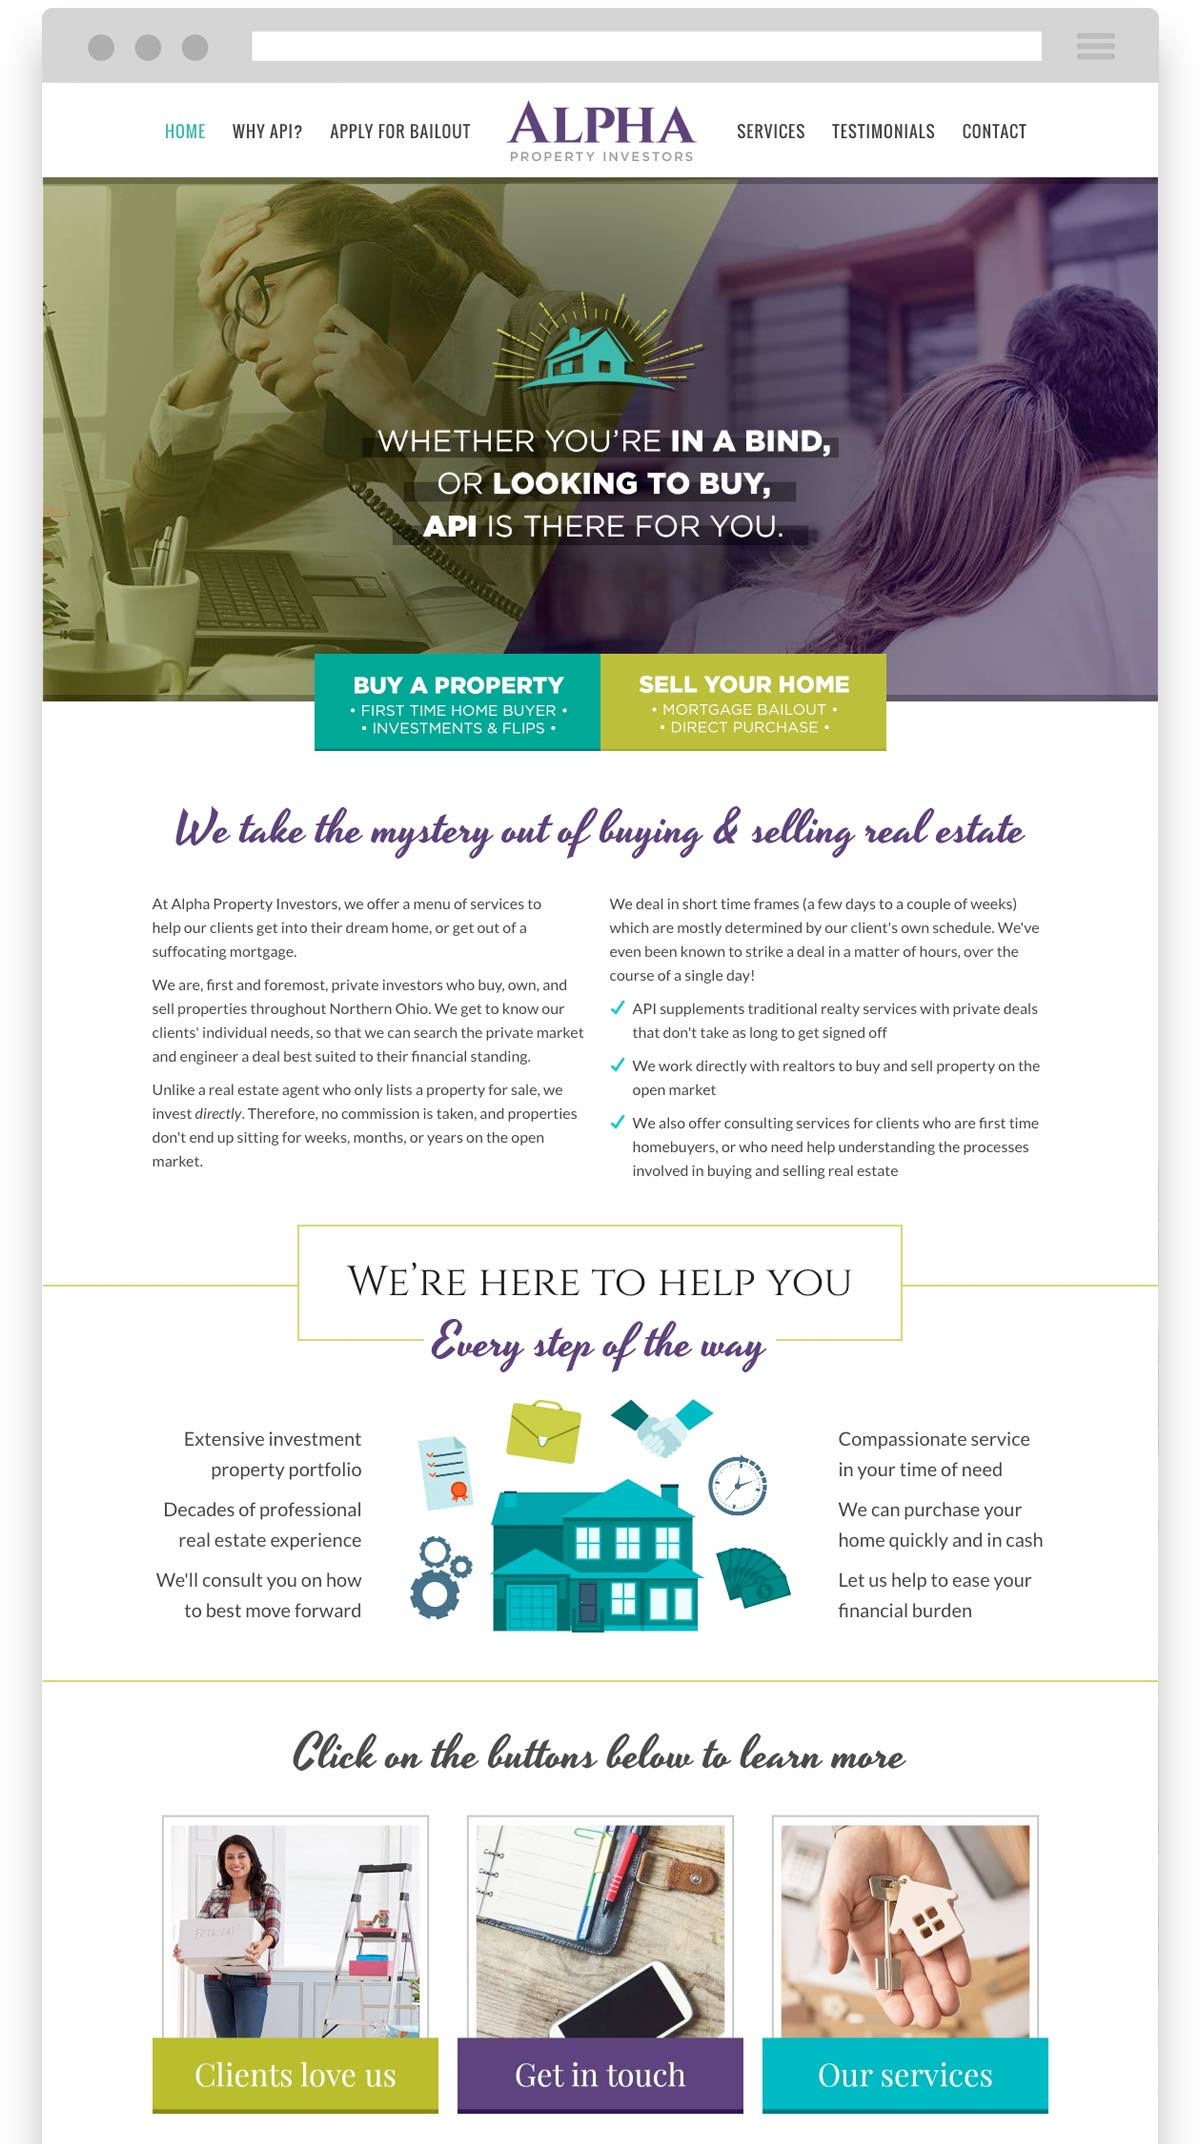 Alpha Property Investors website design